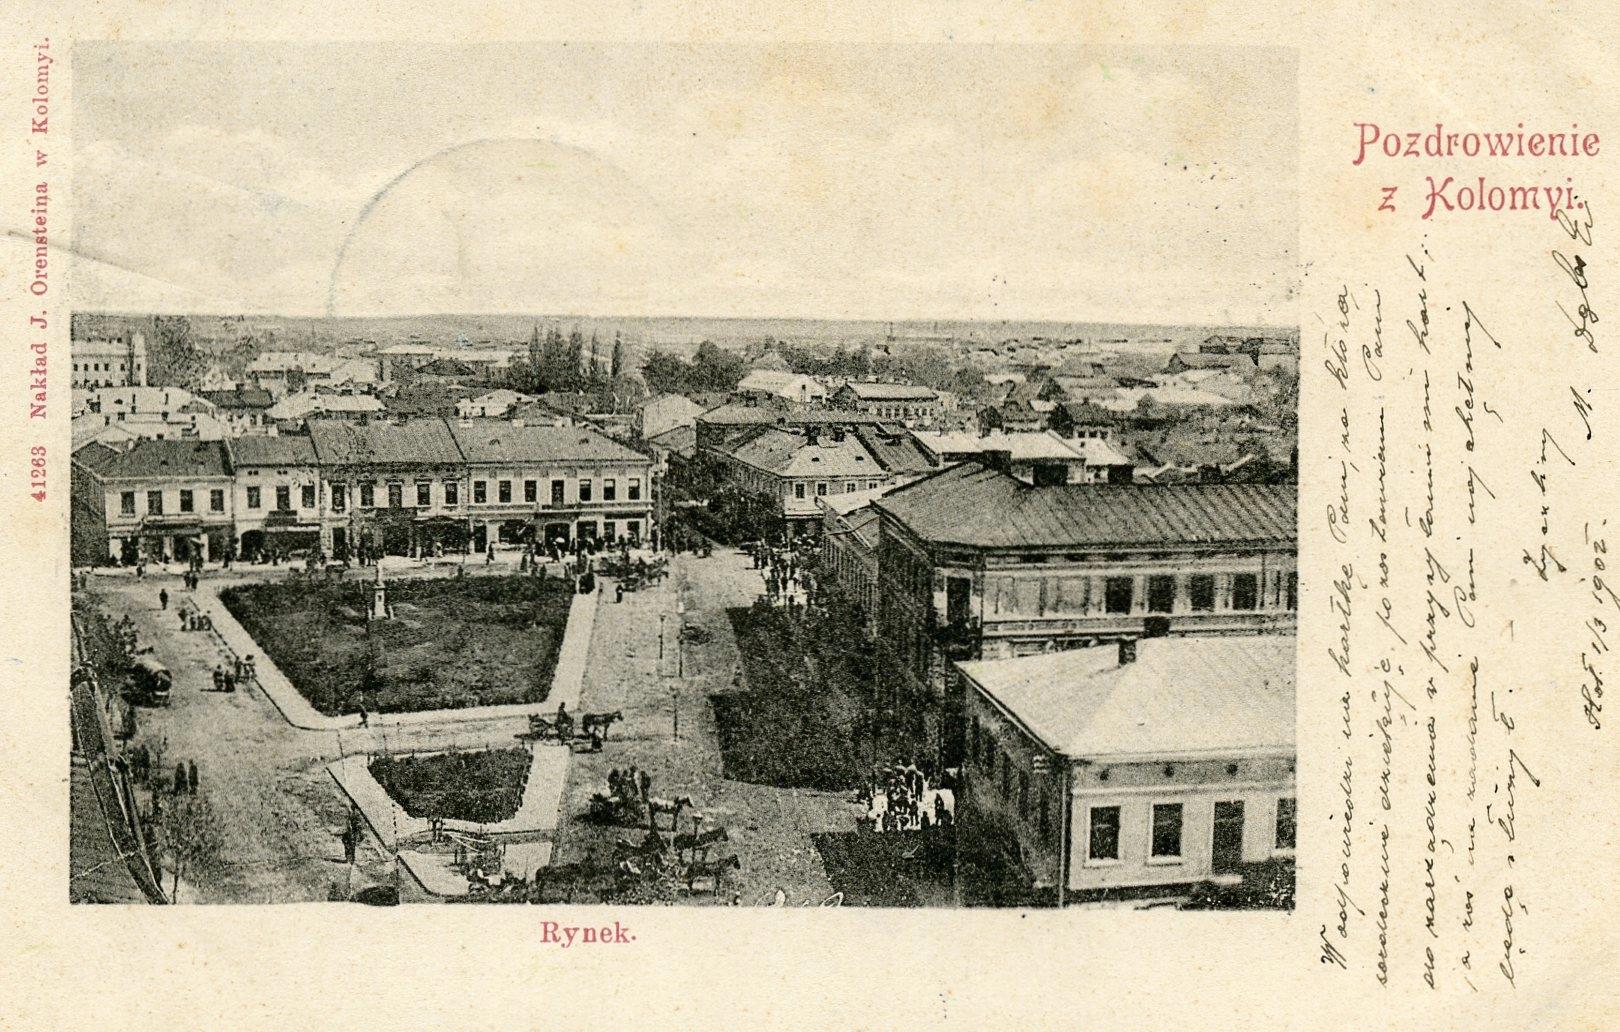 Pozdrowienia z Kołomyi. Rynek-1902 rok stan bdb